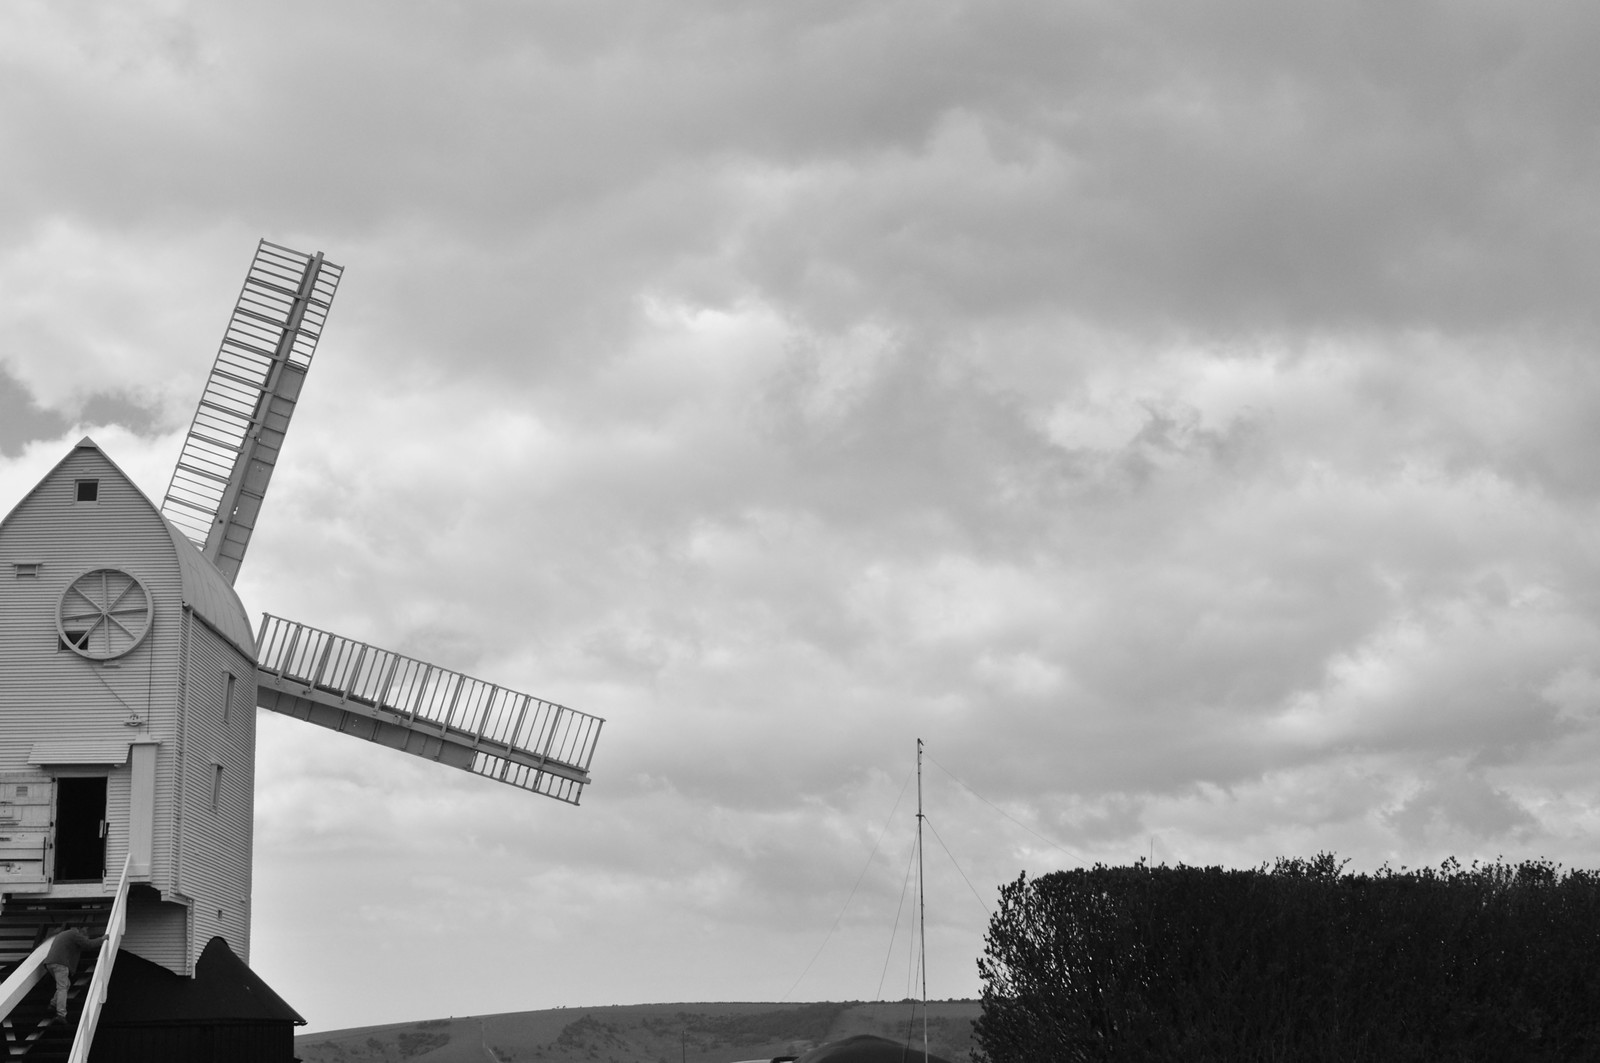 Jill A windmill on a hill